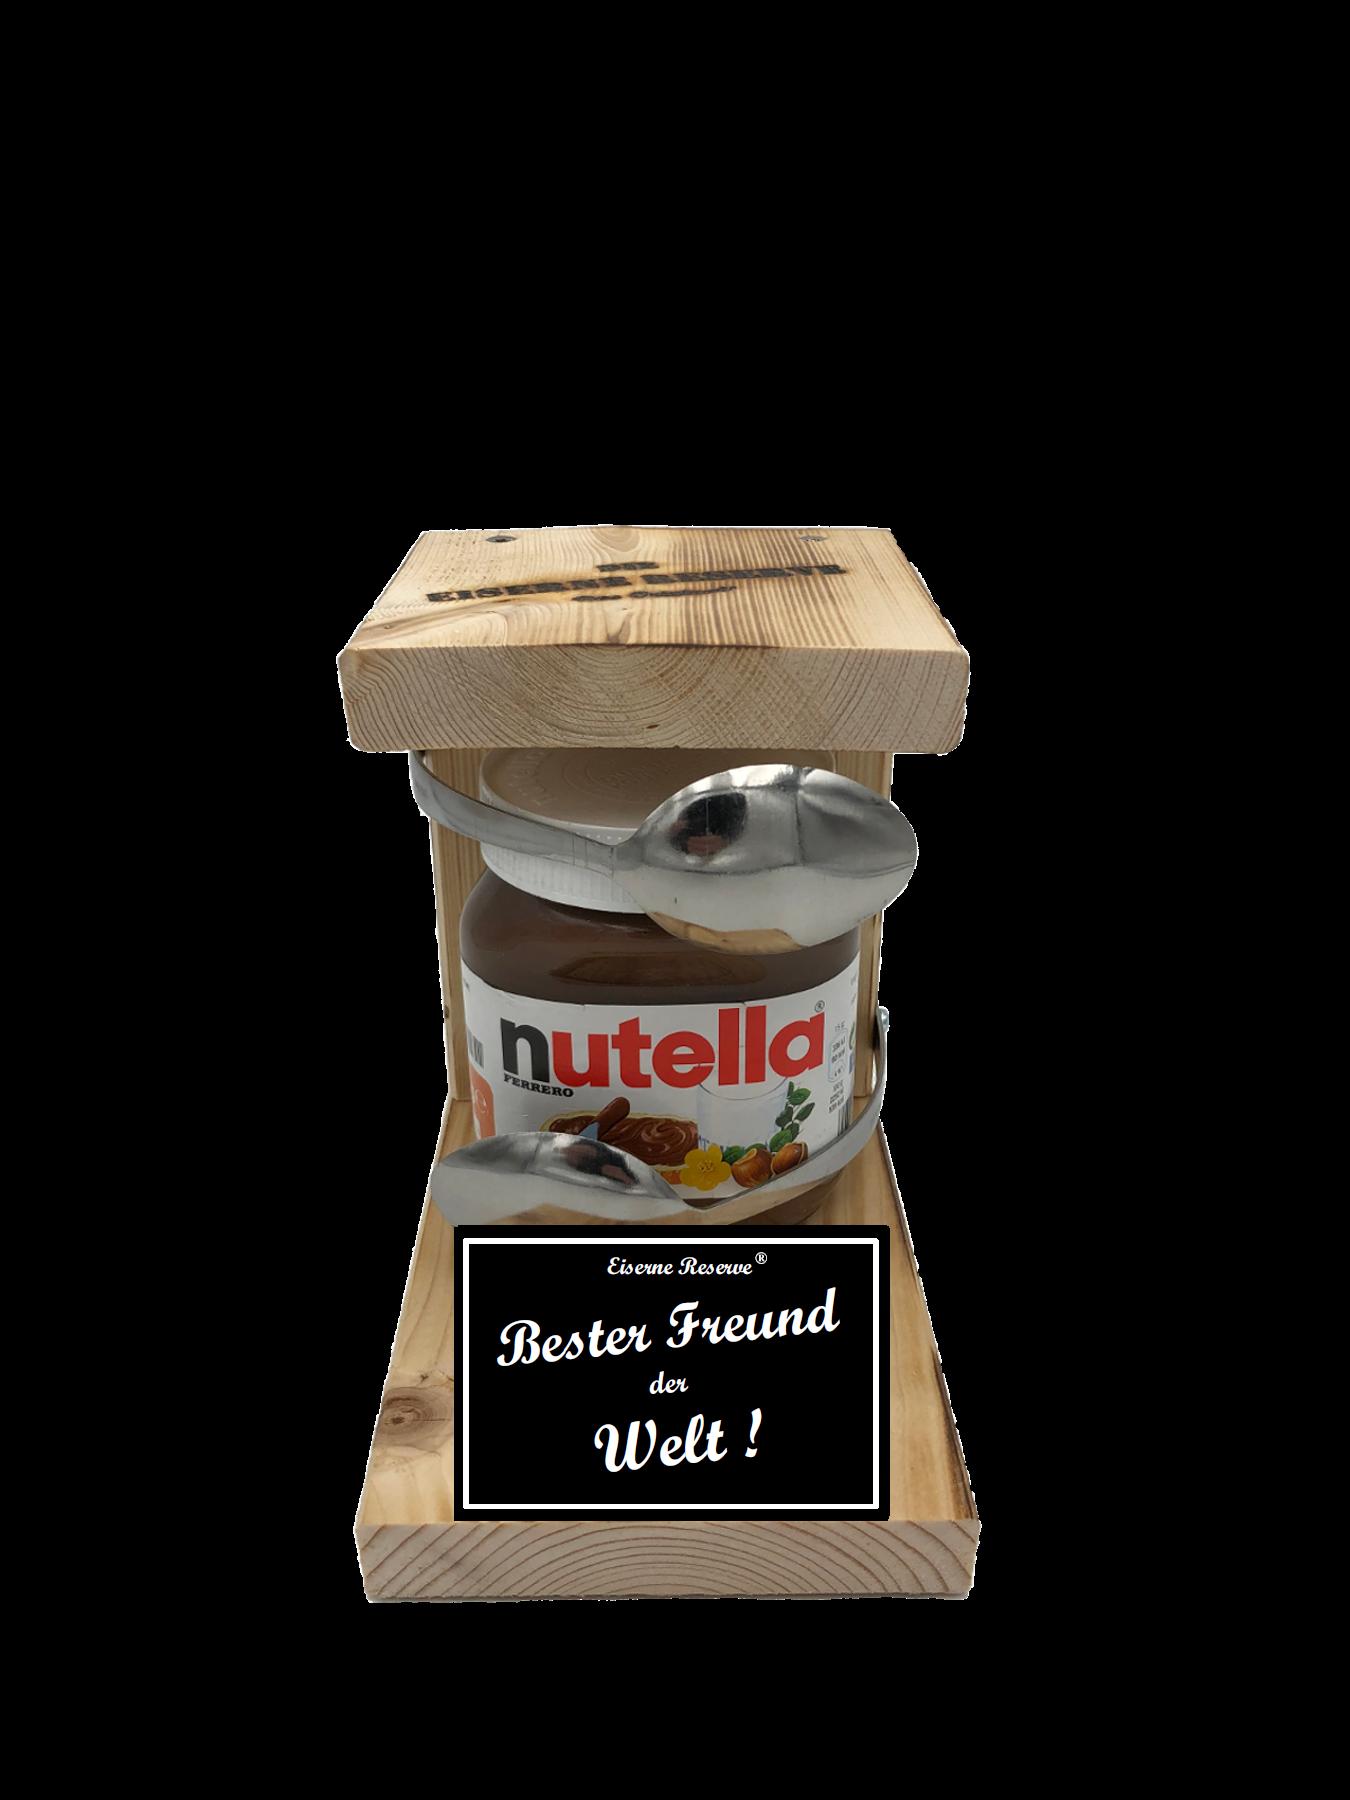 Bester Freund der Welt Löffel Nutella Geschenk - Die Nutella Geschenkidee